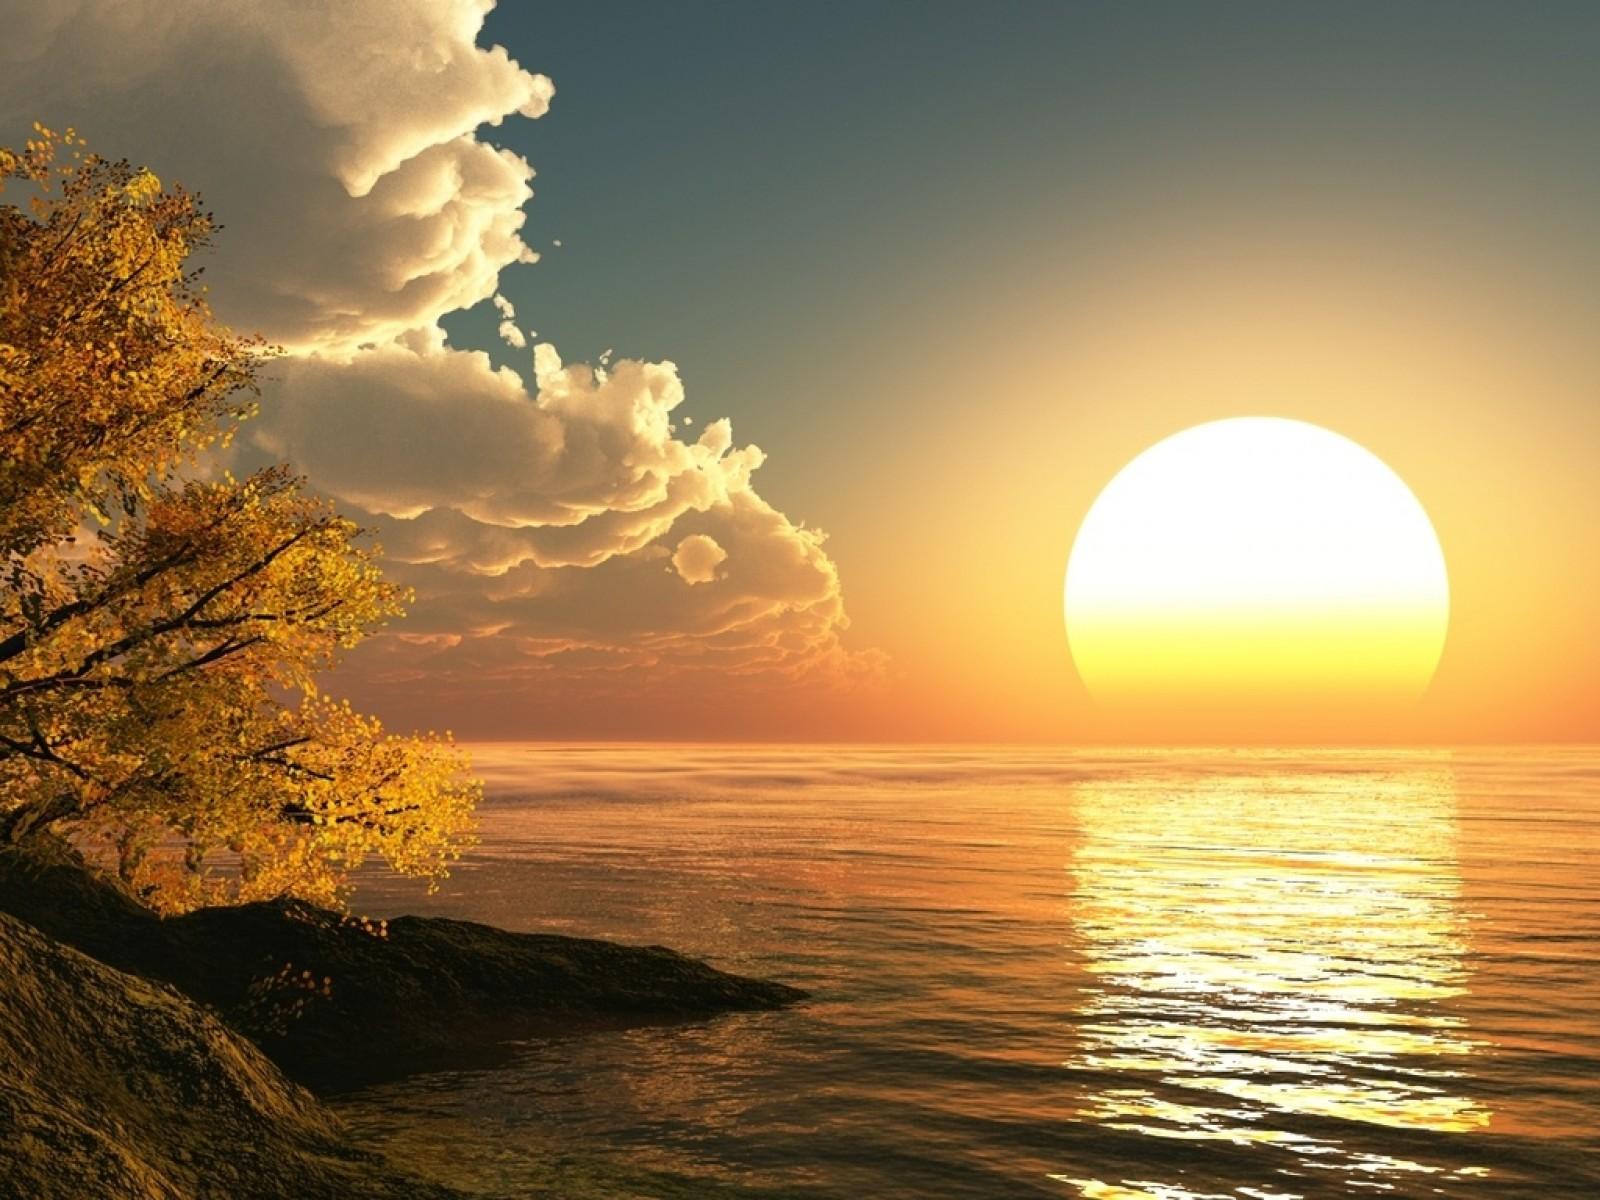 http://2.bp.blogspot.com/_XF_J0xP6x-w/TOleHmcY3HI/AAAAAAAAAiI/rLJl0bX0cmo/s1600/3D-Sun-Rising-3d-sun-rising-1600x1200.jpg